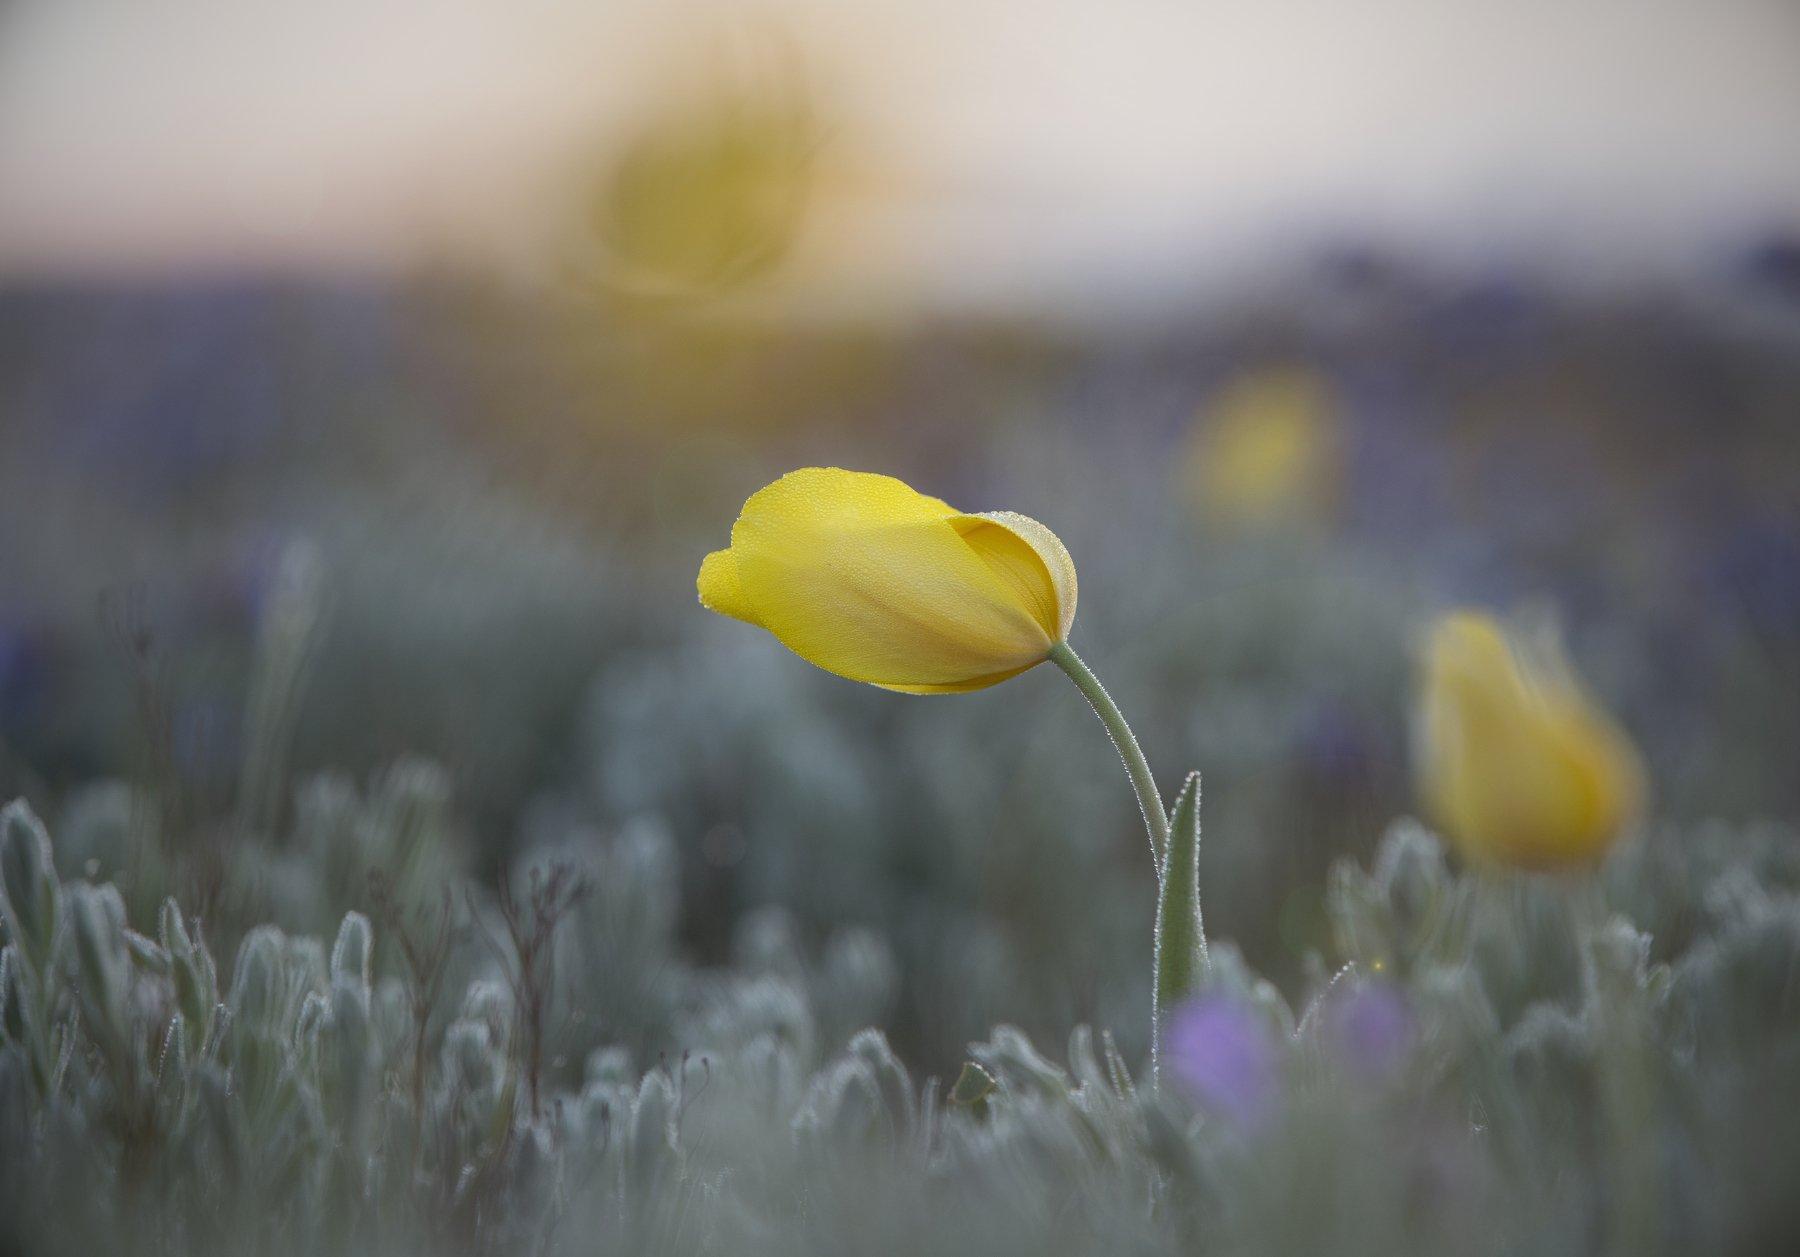 пейзаж, макро,тюльпан,шренка,дикий,туман,опук,крым,трава,желтый,зеленый,поле,россия,природа,цветы, Elena Pakhalyuk